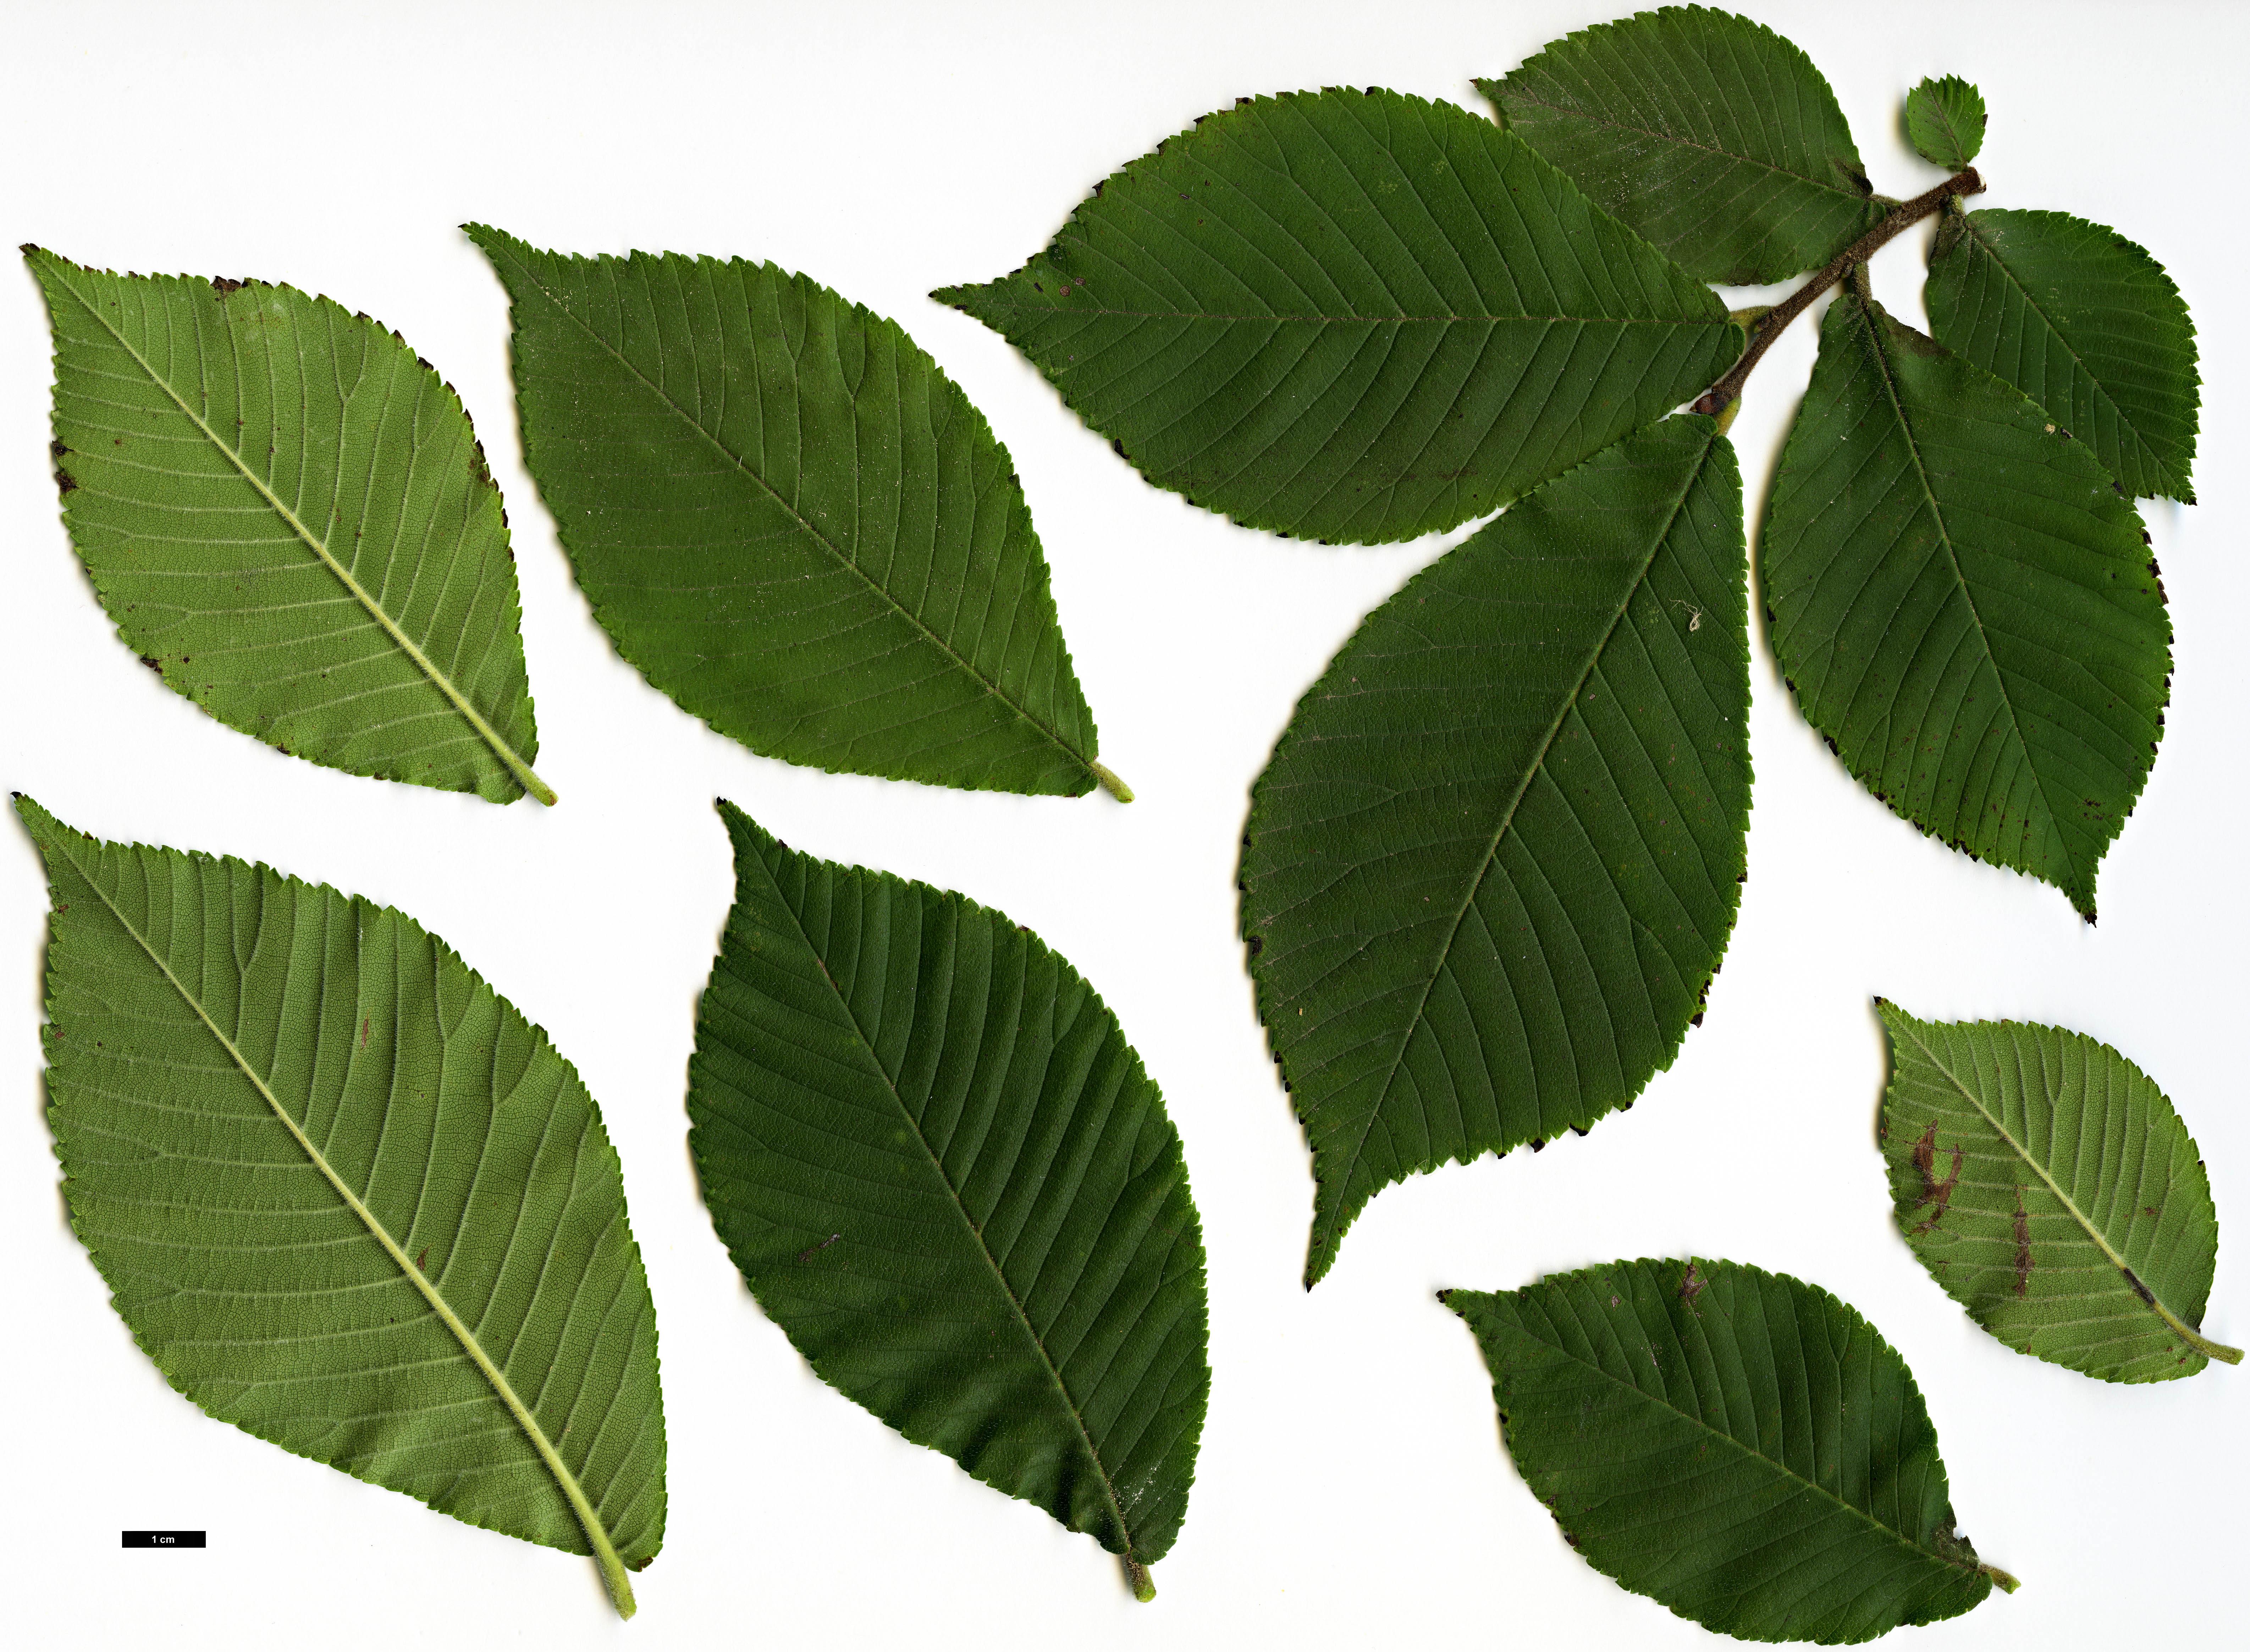 Family Ulmaceae Genus Ulmus Specy chenmoui HerbariumCode